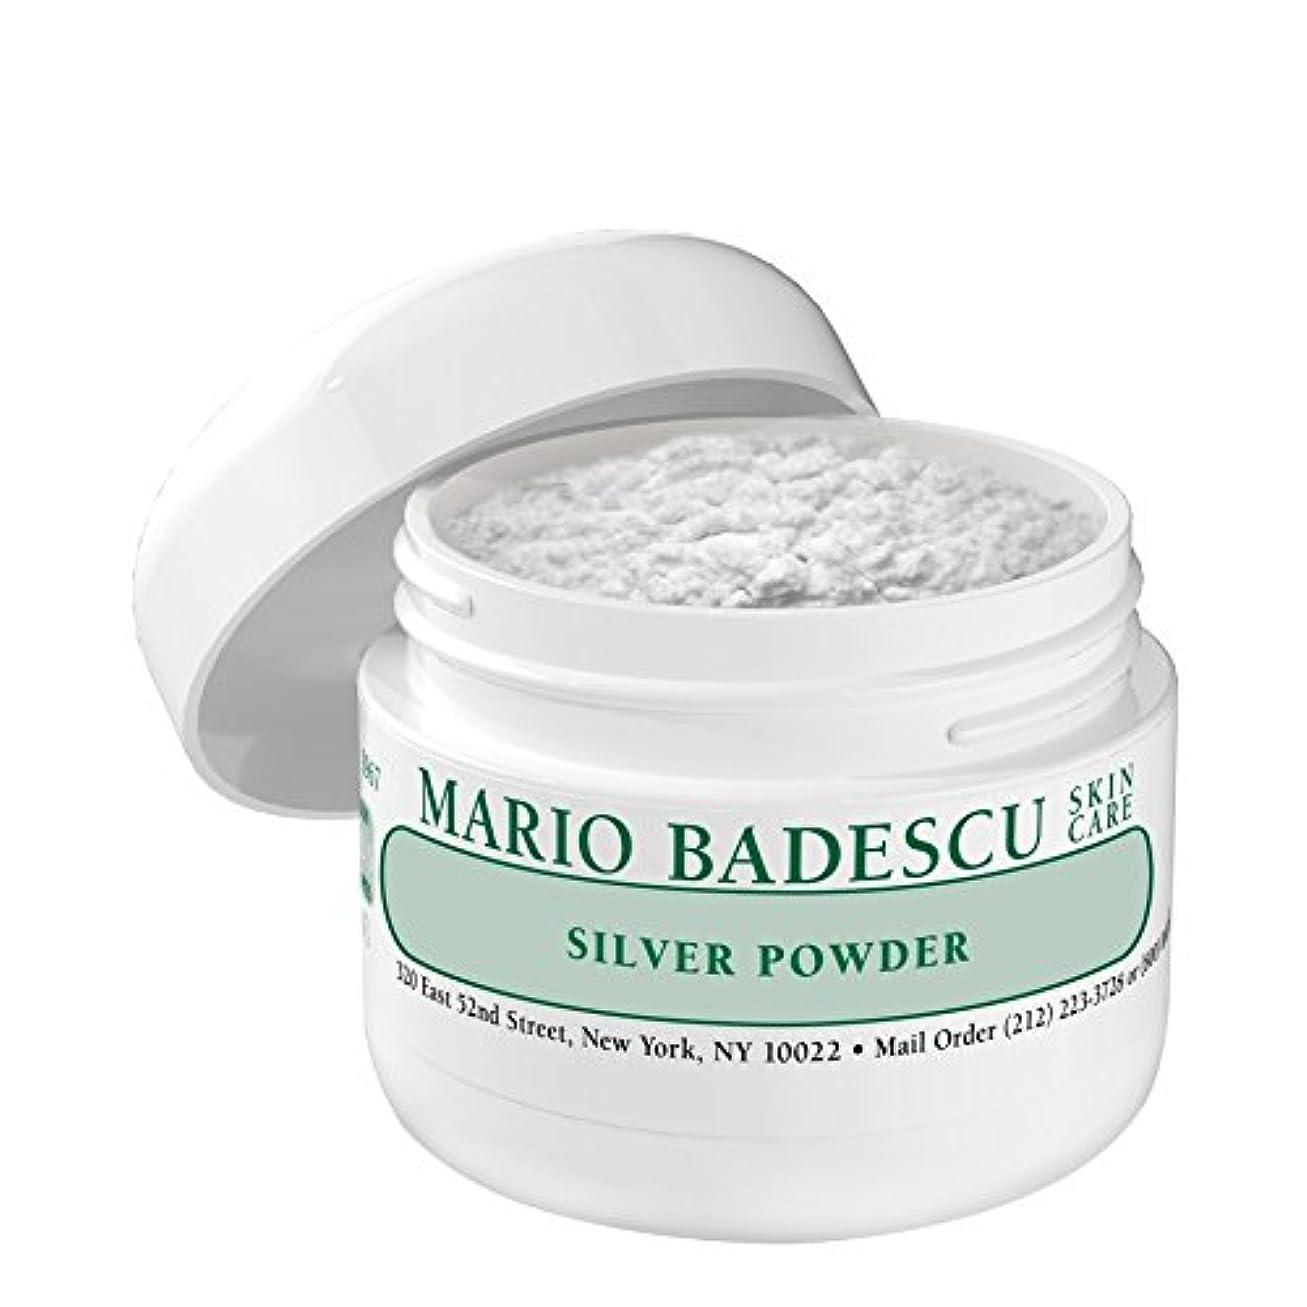 価値のない論争的セクションマリオ?バデスキュー銀粉末 x2 - Mario Badescu Silver Powder (Pack of 2) [並行輸入品]